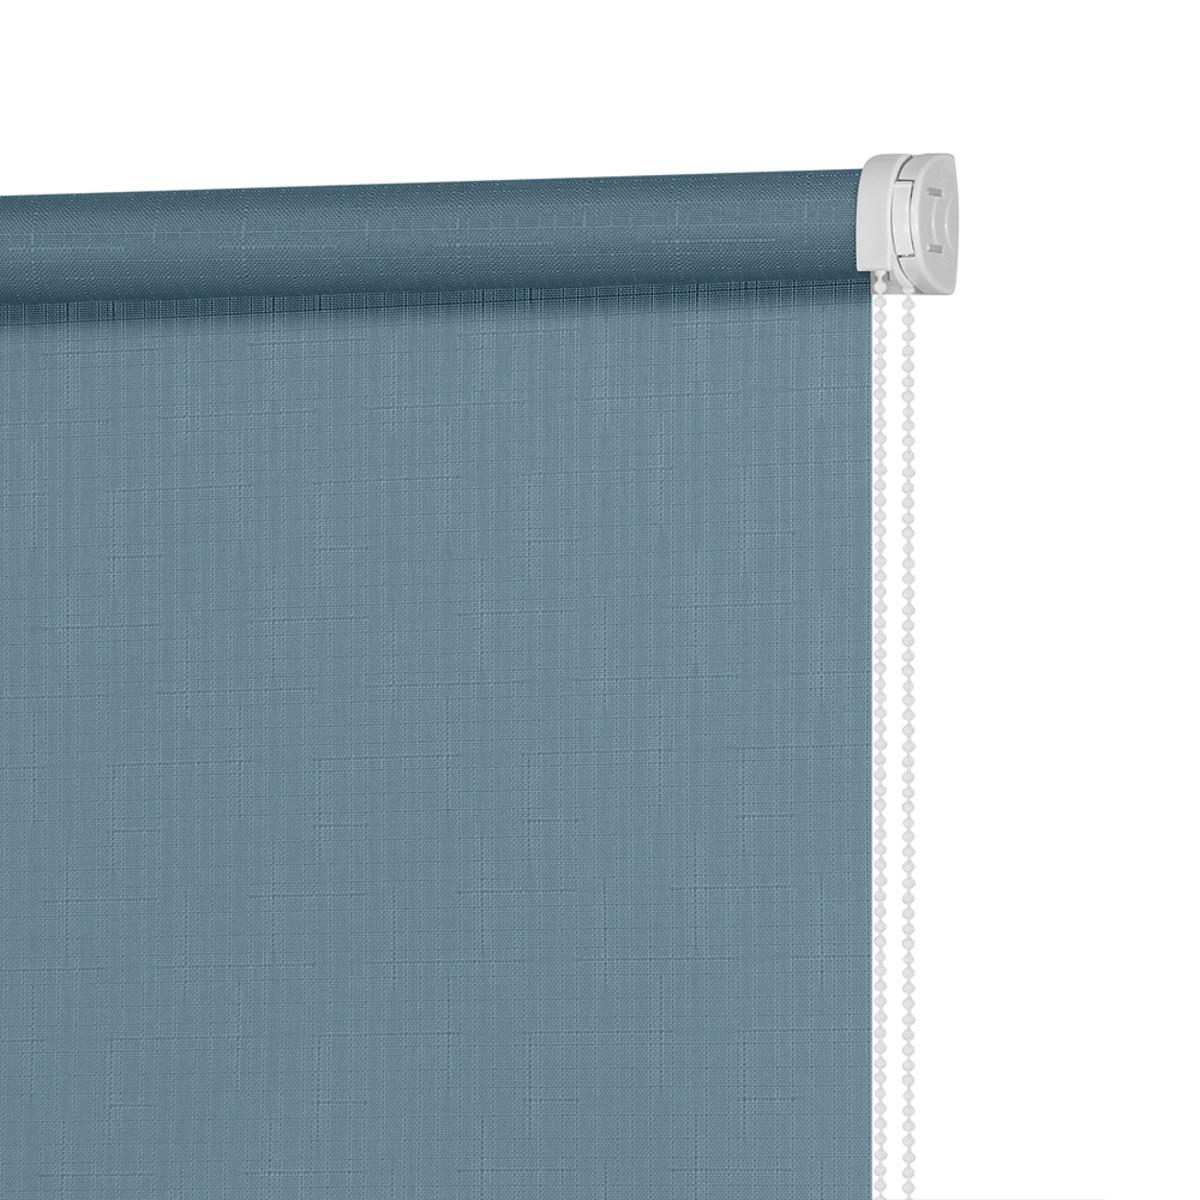 Рулонная Ора Decofest Апилера 80Х160 Цвет Бирюзовый